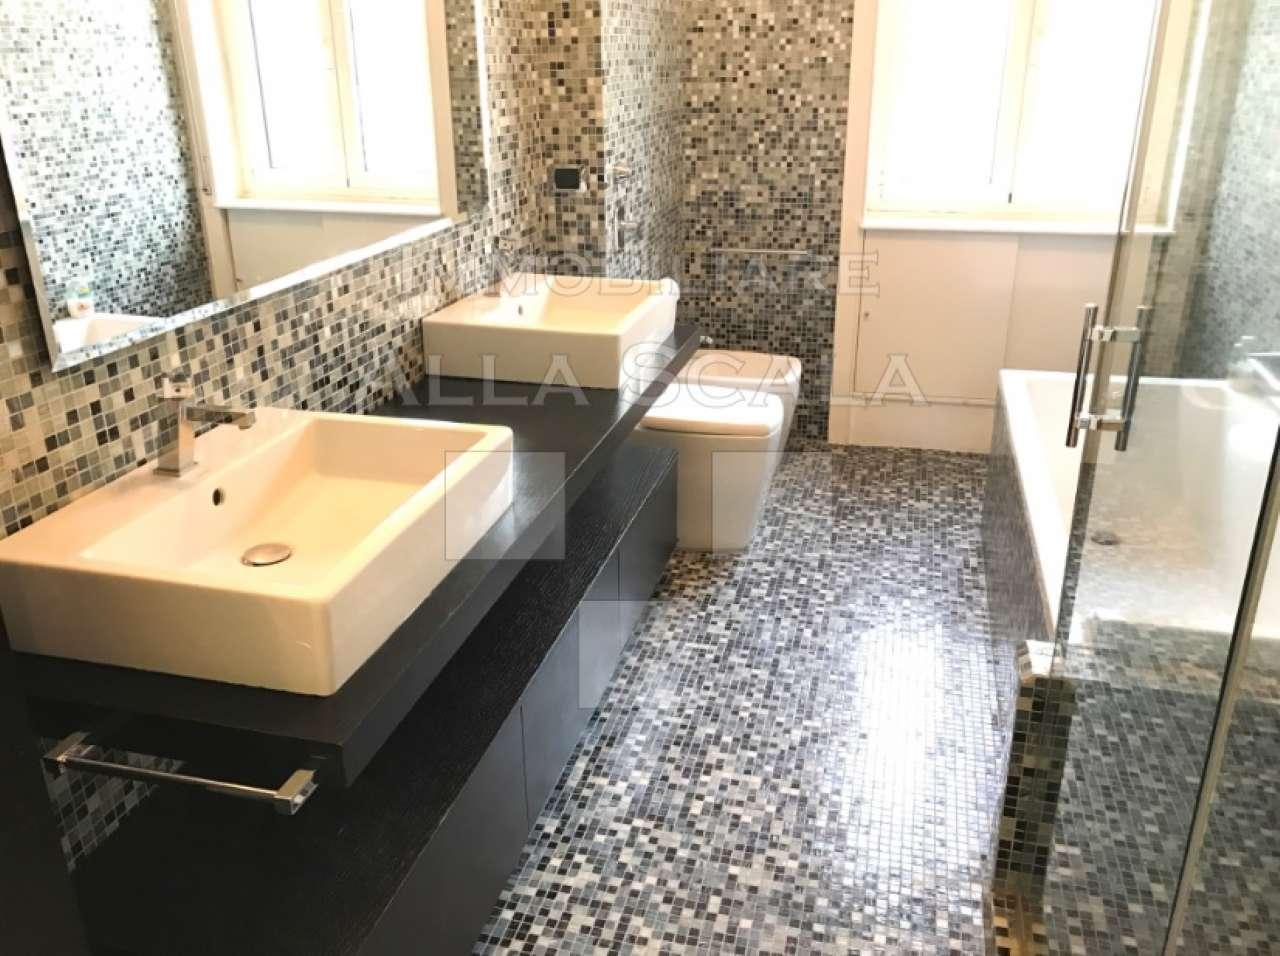 appartamento in affitto a milano piazza sant'ambrogio - trovocasa.it